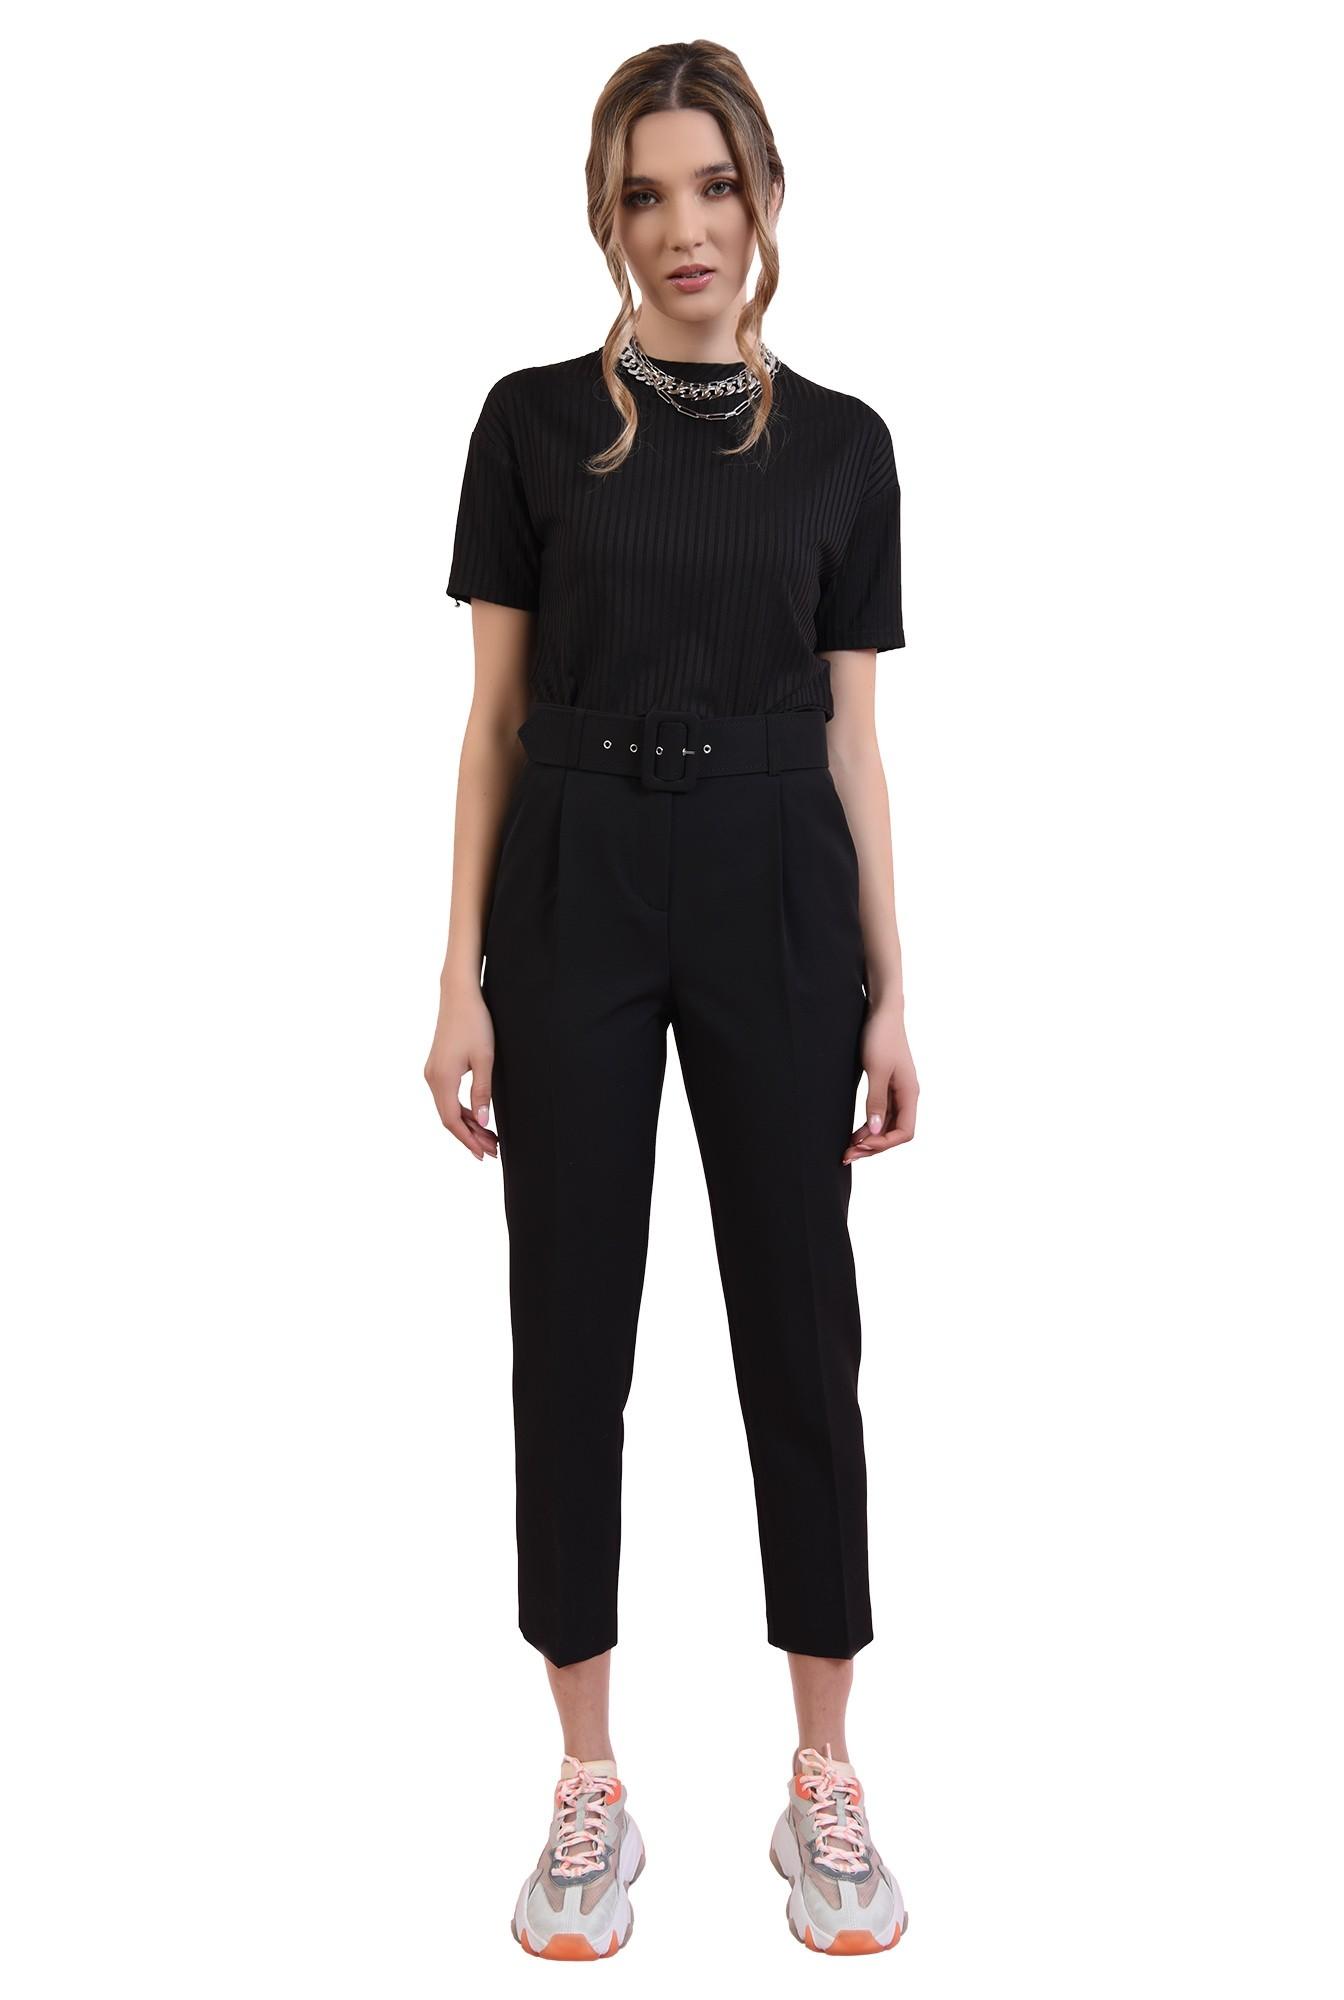 0 - pantaloni negri, conici, cu centura